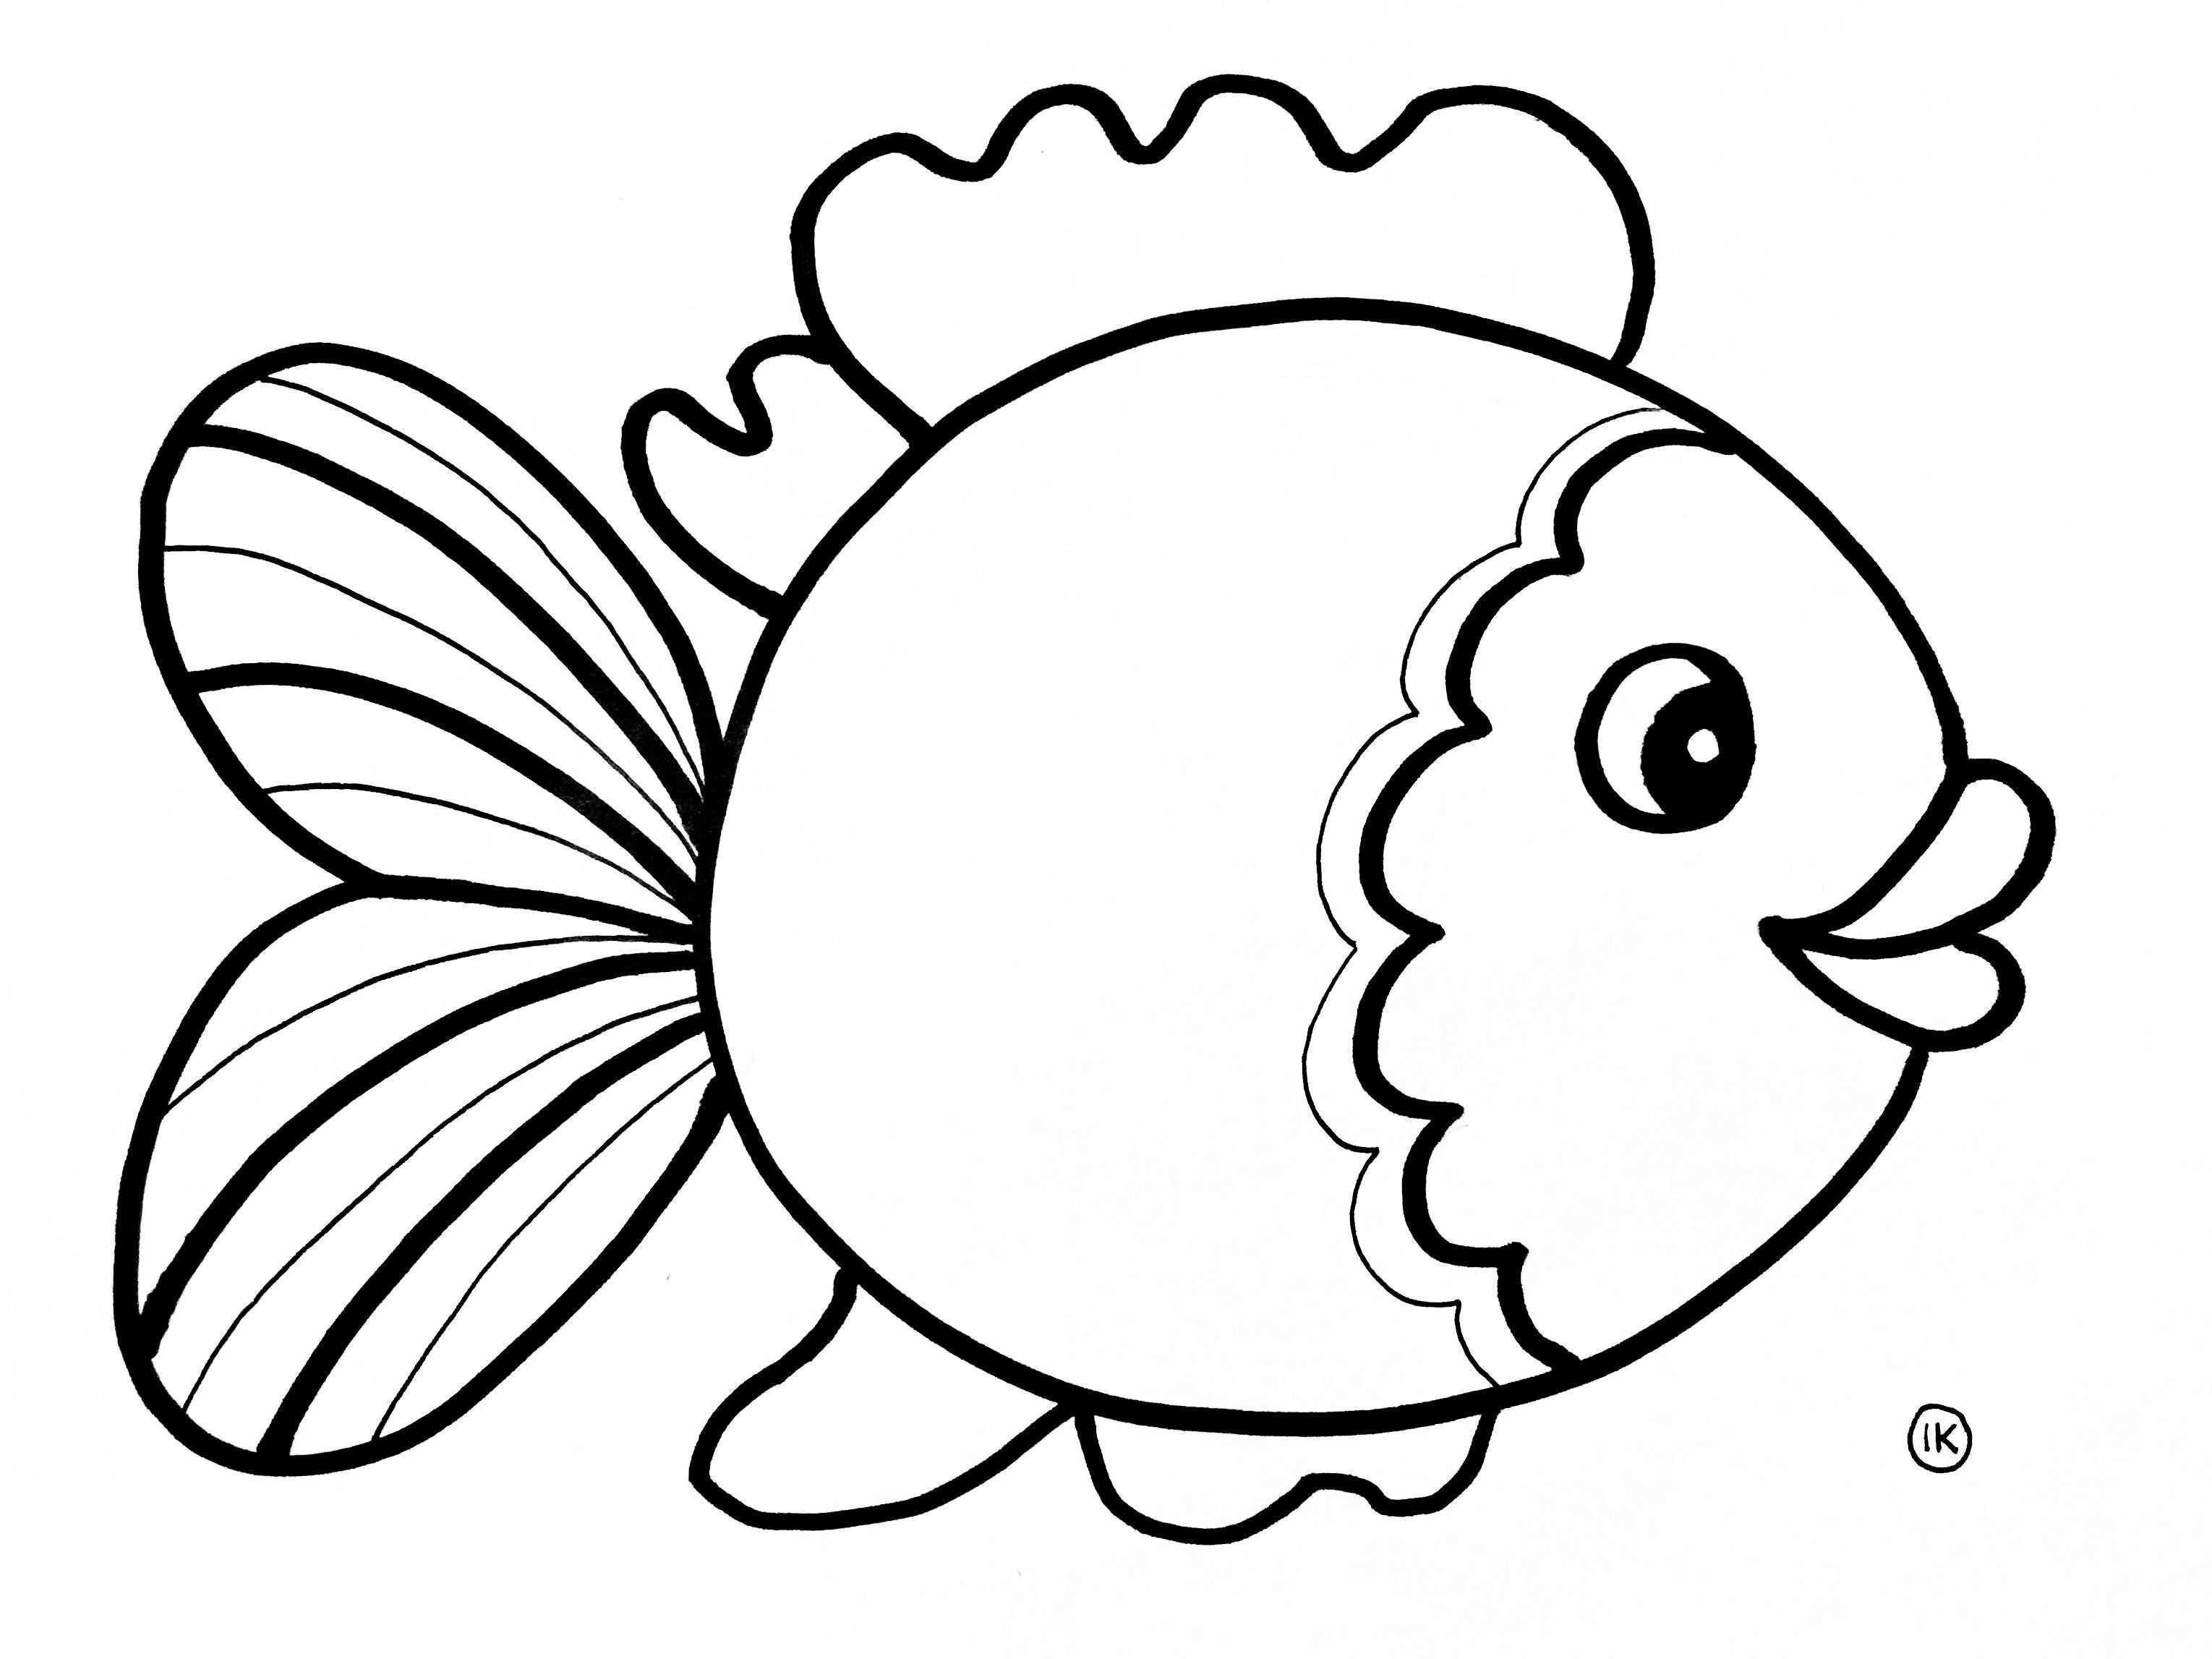 Kleurplaten Thema Zee Zeedieren Oceaan Kleurplaten Knutselen Kleurplaat Vissen De Knutseljuf Ede In 2020 Zeedieren Oceaandieren Kleurplaten